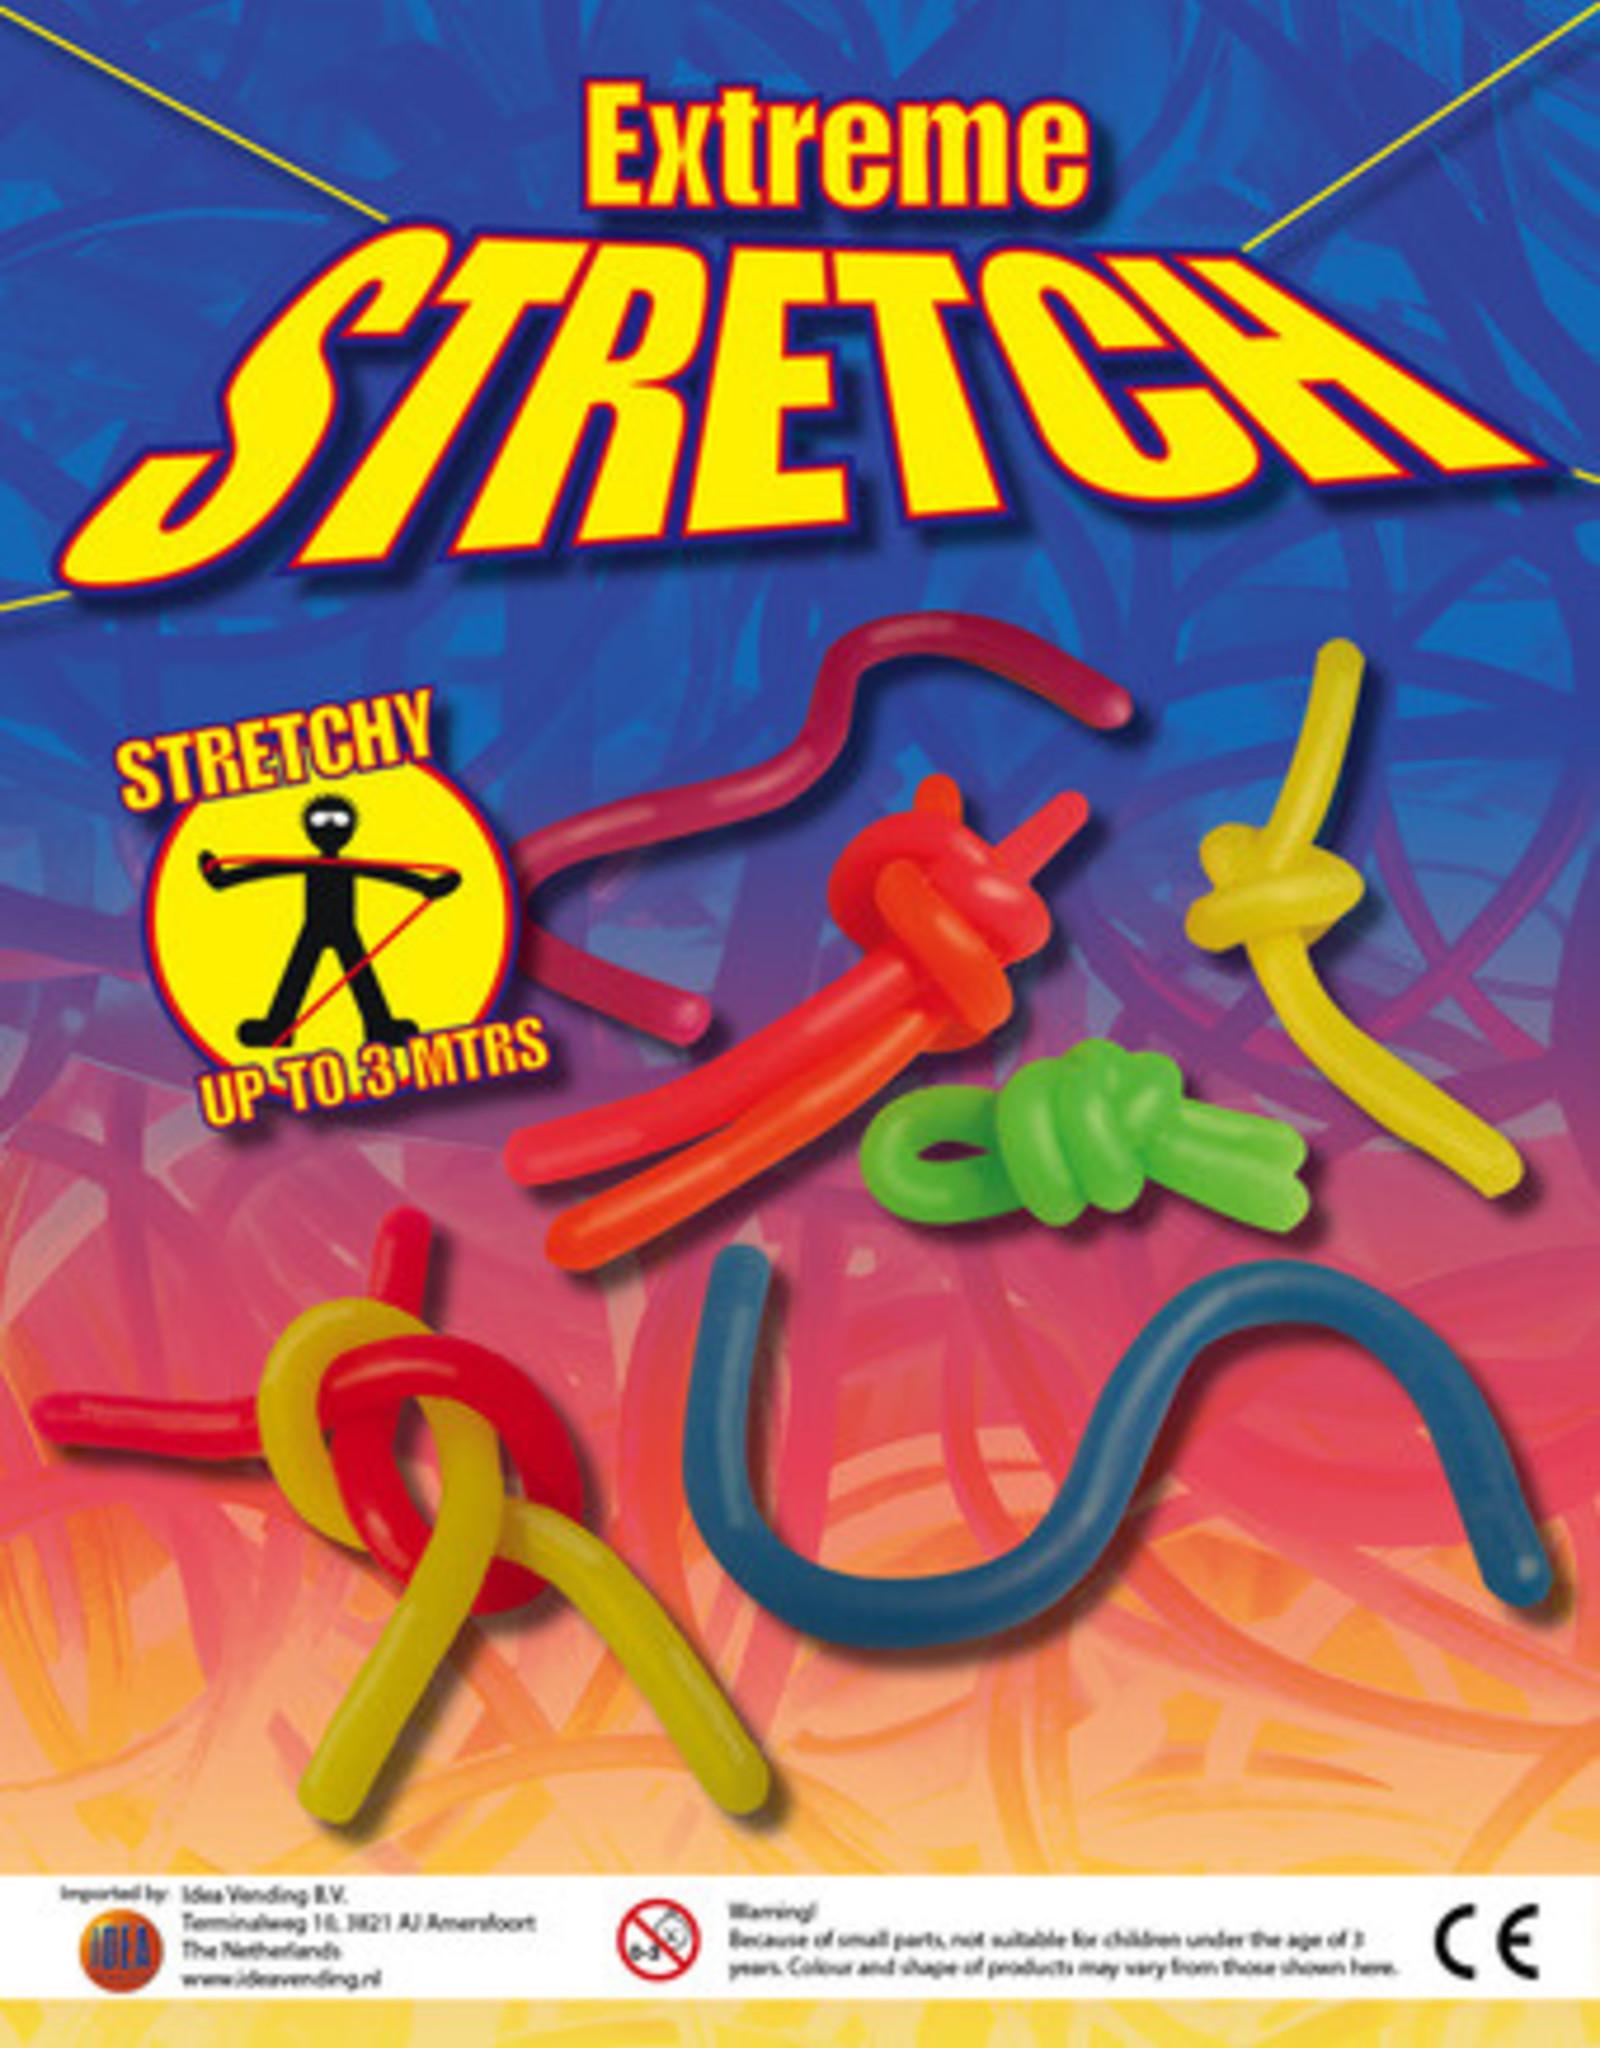 Stretch Cord